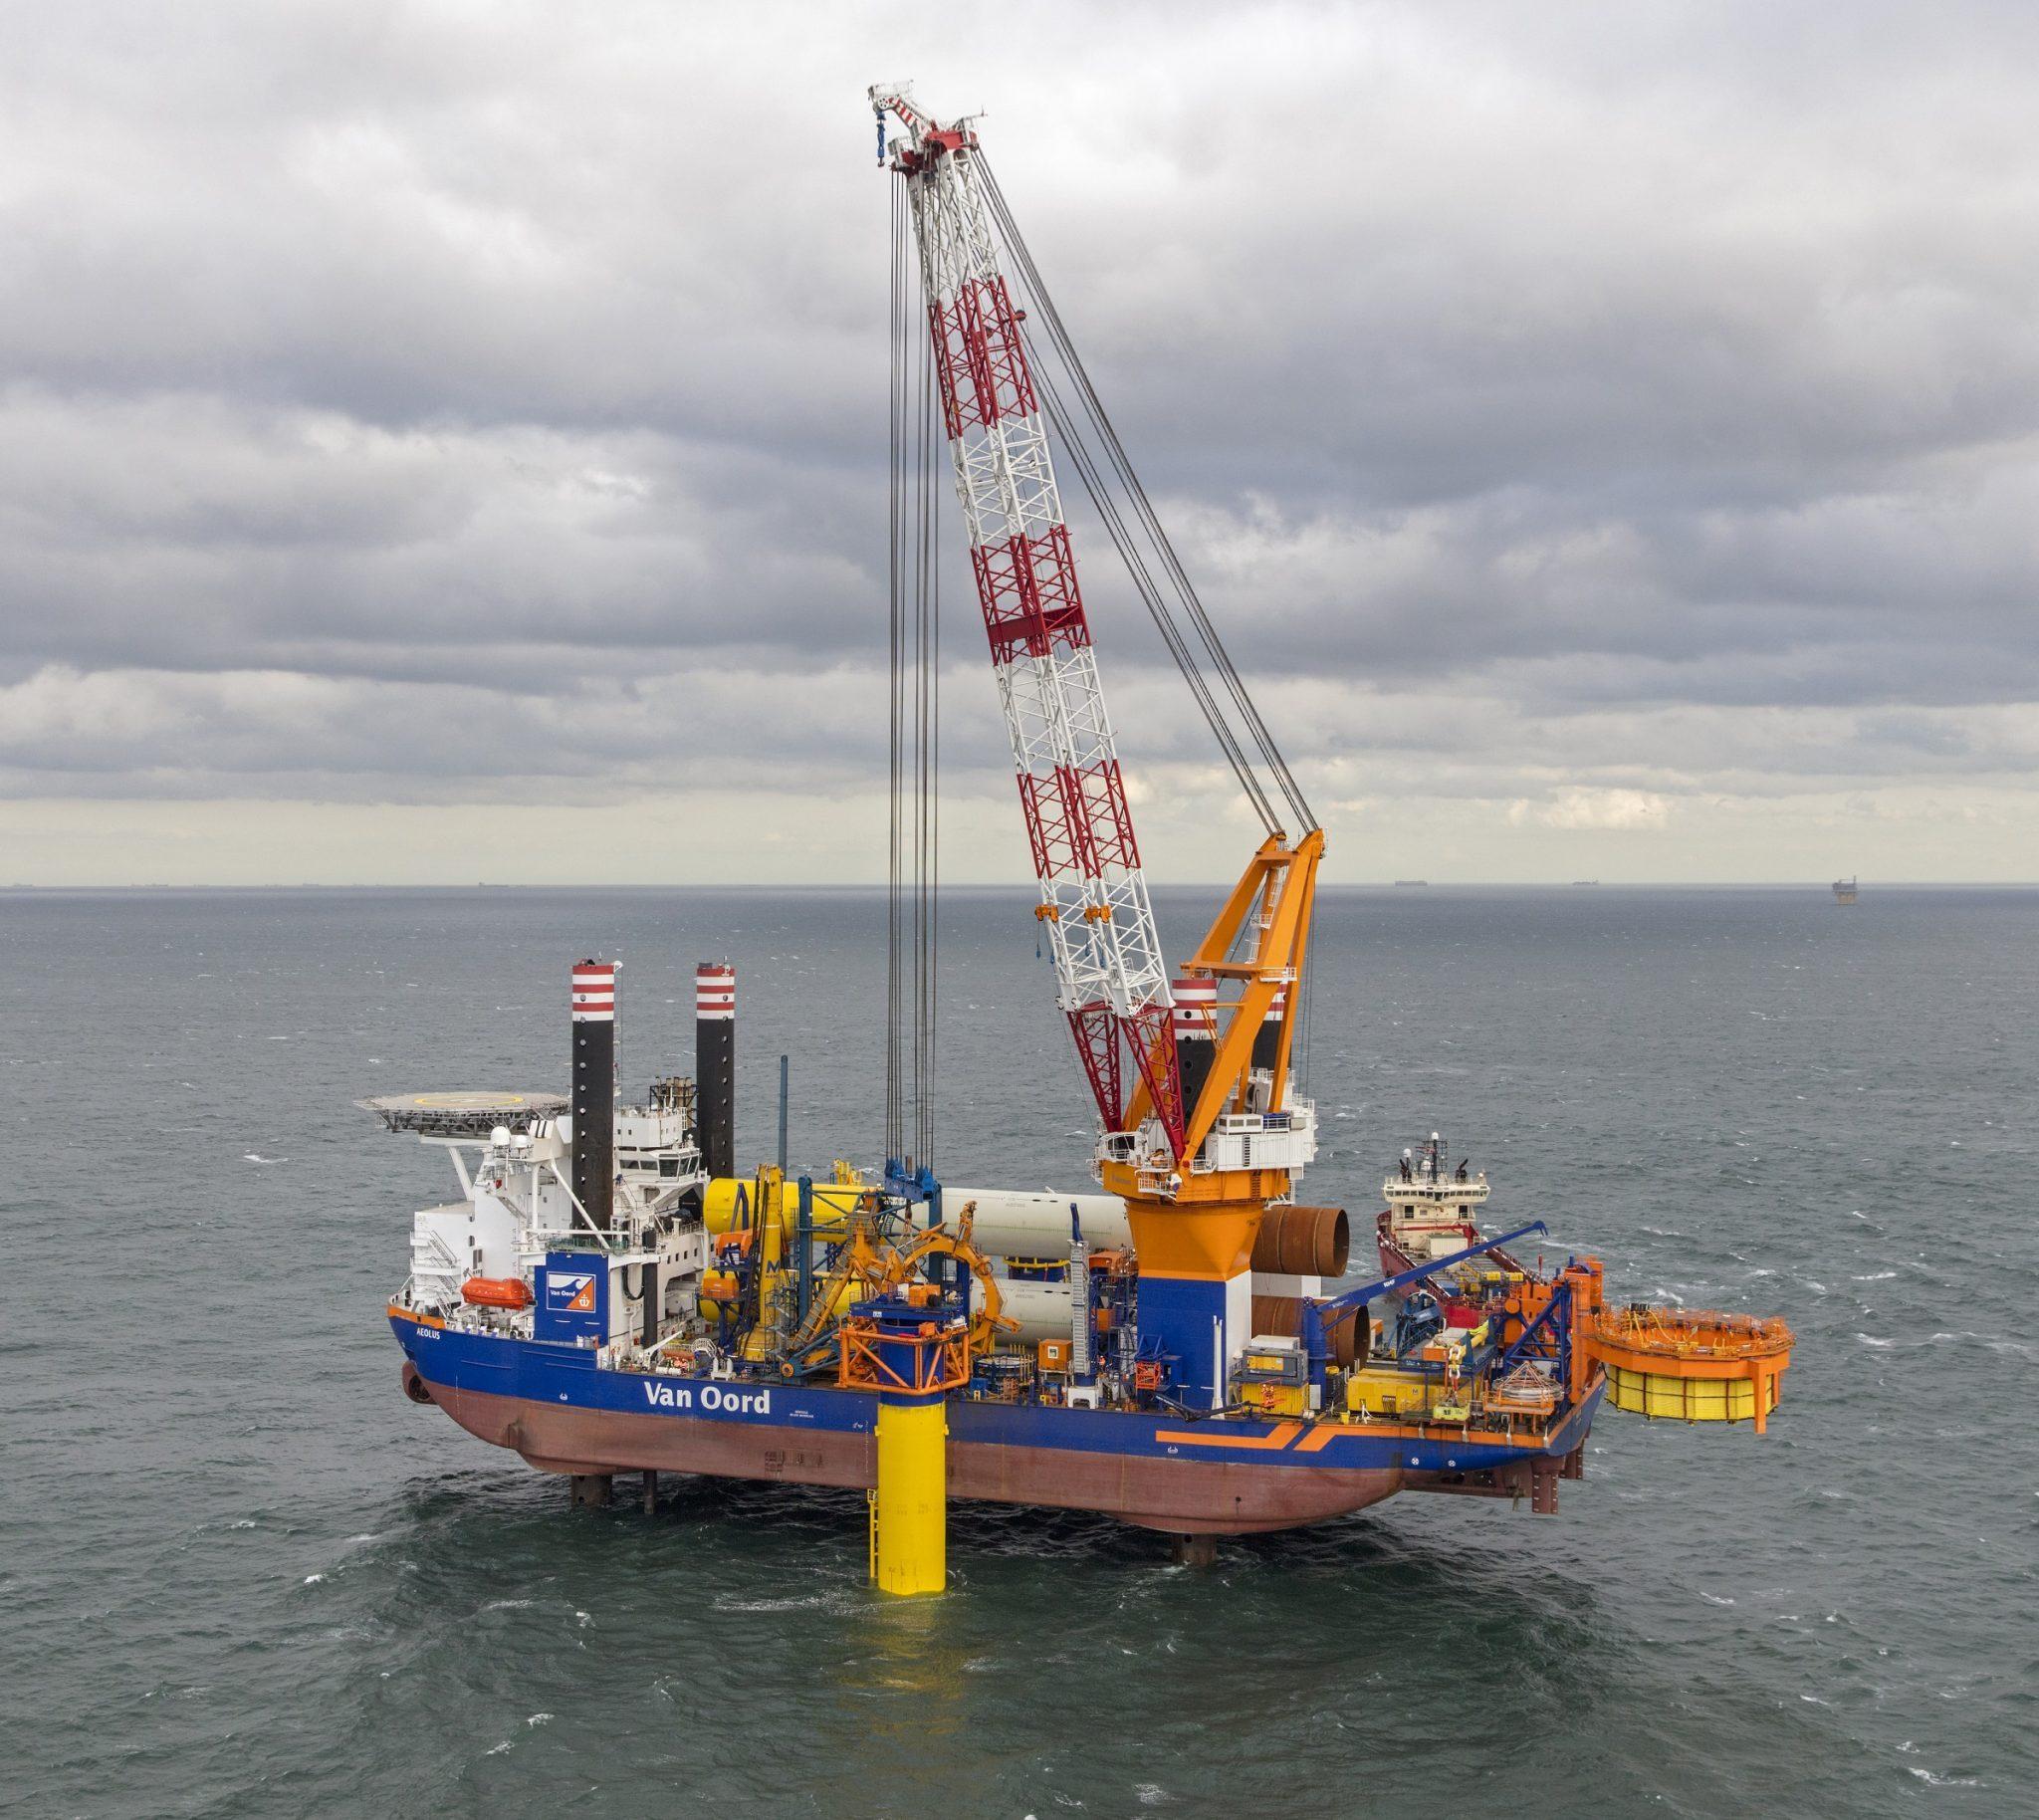 Van Oord hier bezig met de aanleg van een offshore windpark (Foto Van Oord)